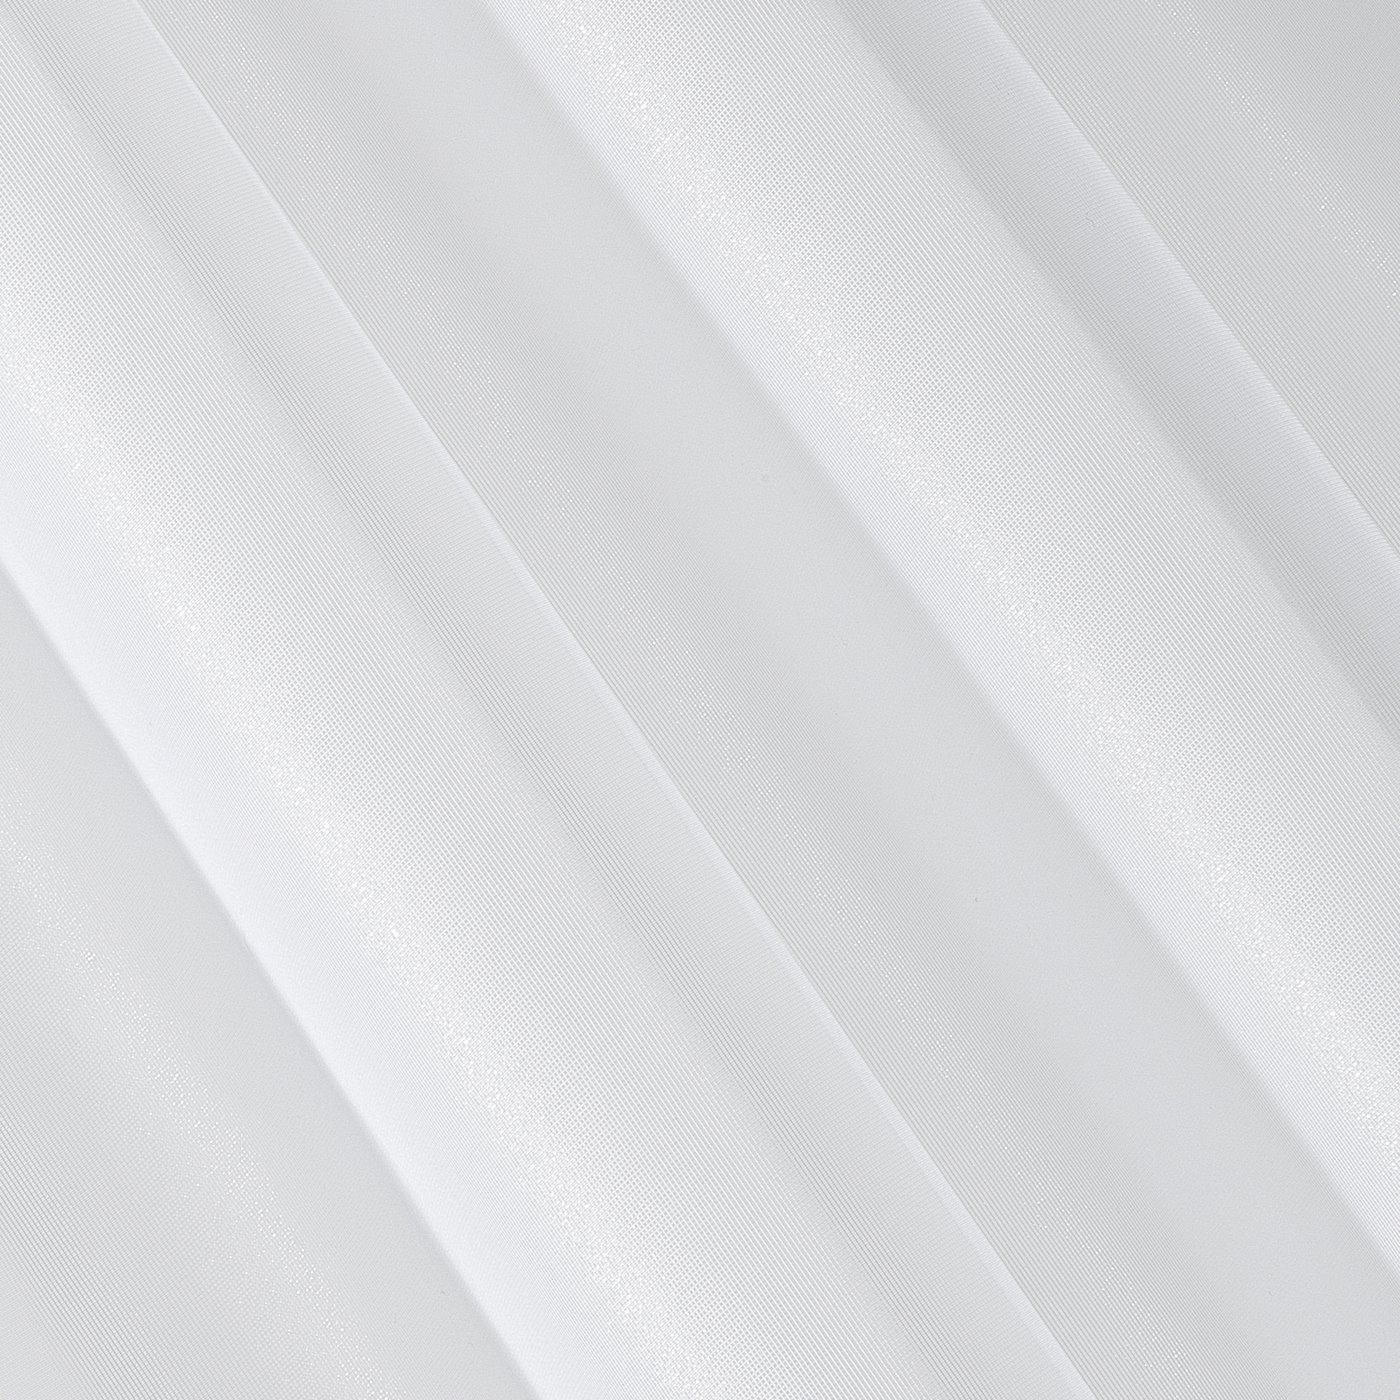 Gładka BIAŁA FIRANA na taśmie szeroka 350x250 cm